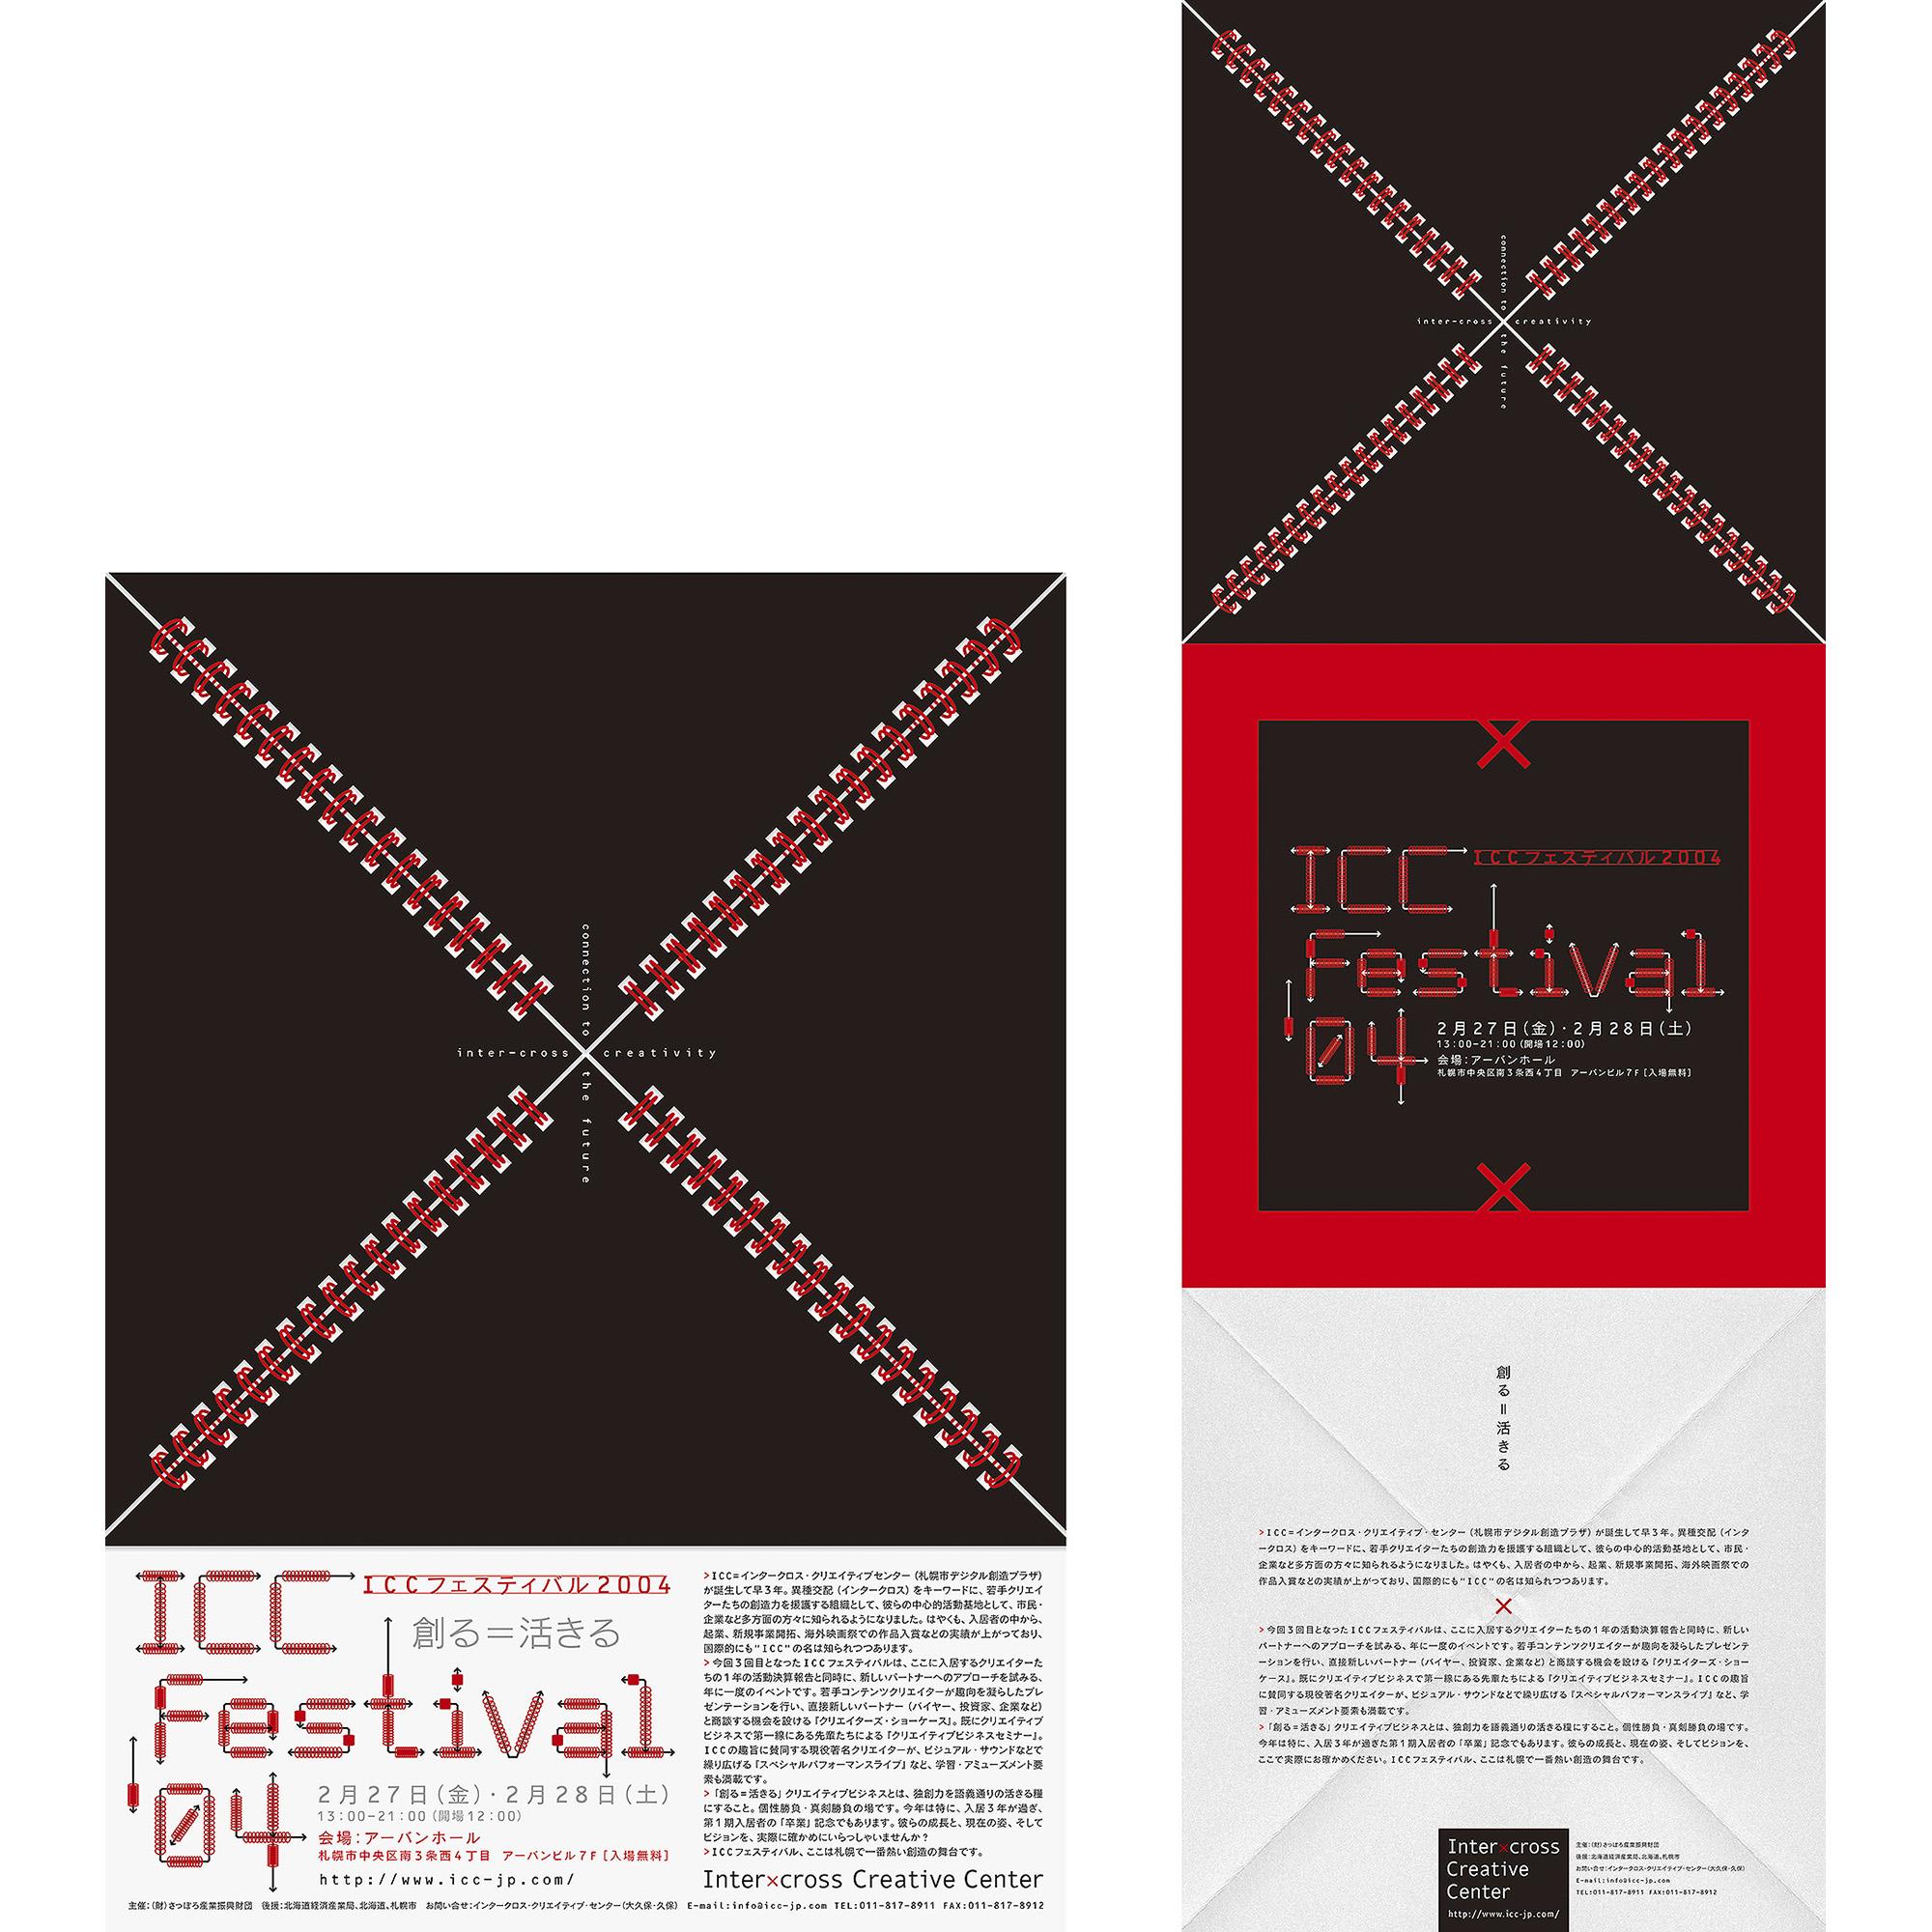 ICC Festival '04